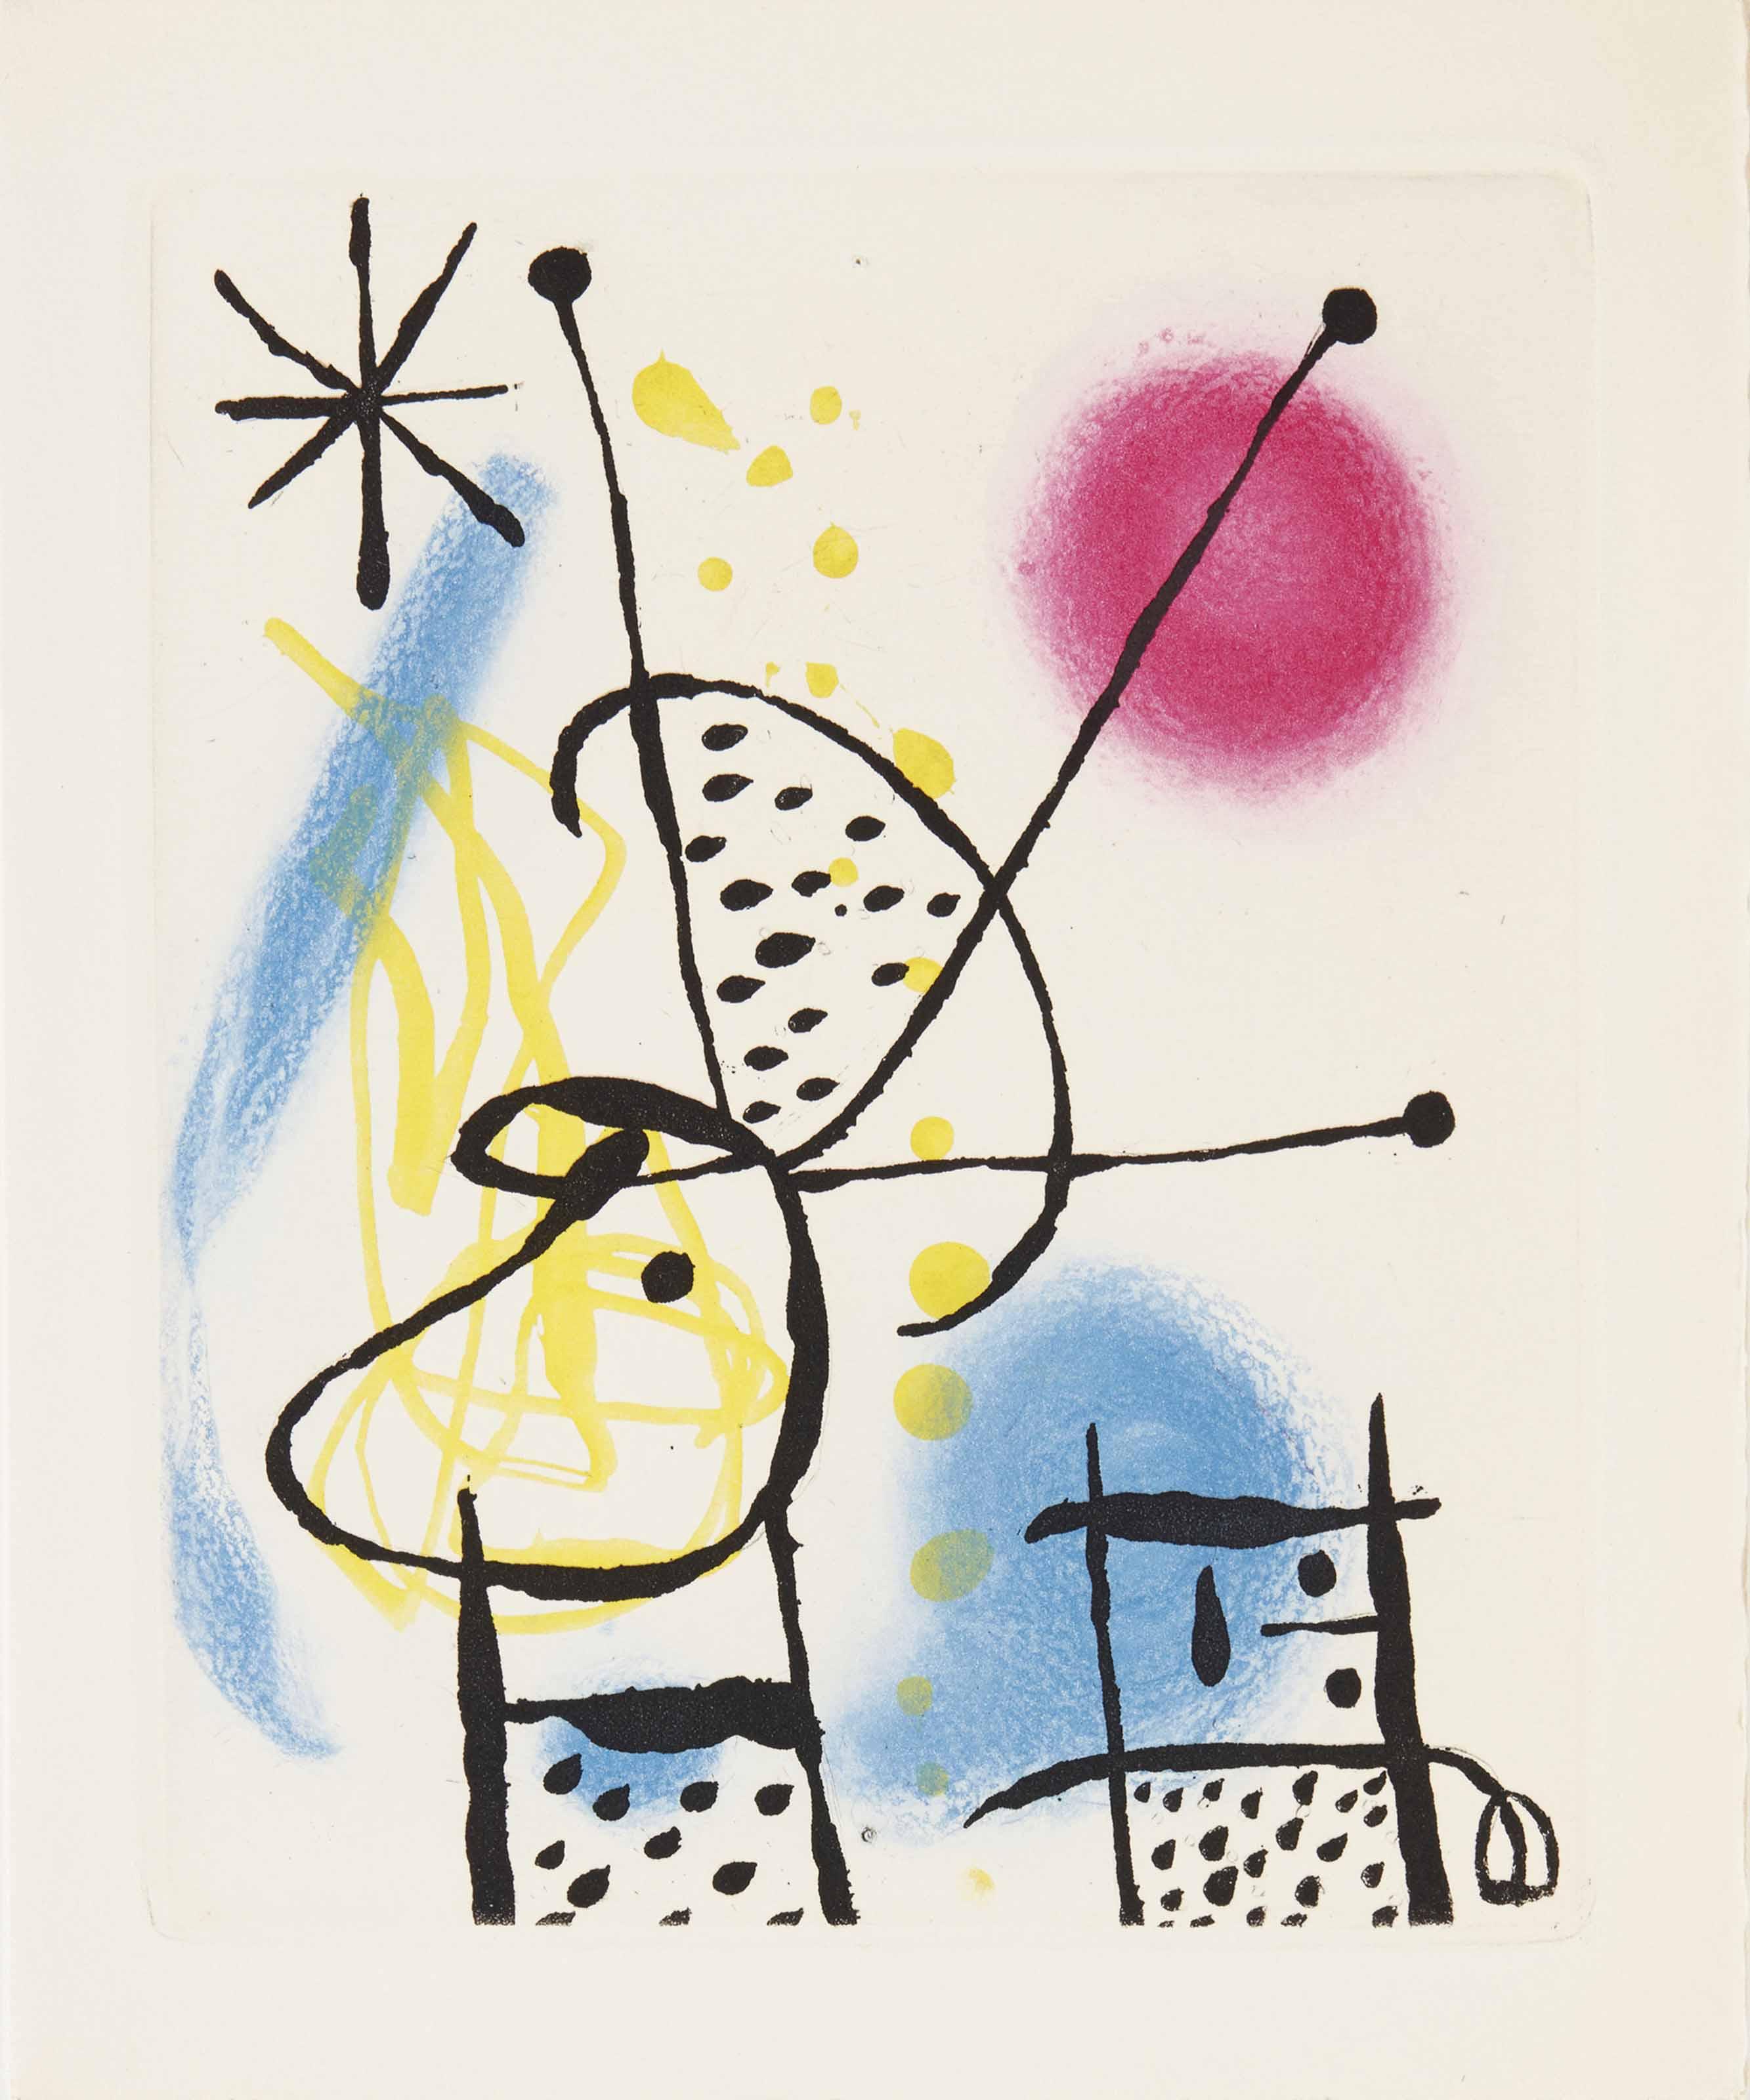 [MIRO, Joan (1893-1983)] - CREVEL, René (1900-1935). La Bague d'aurore. Paris: Louis Broder, 1957.